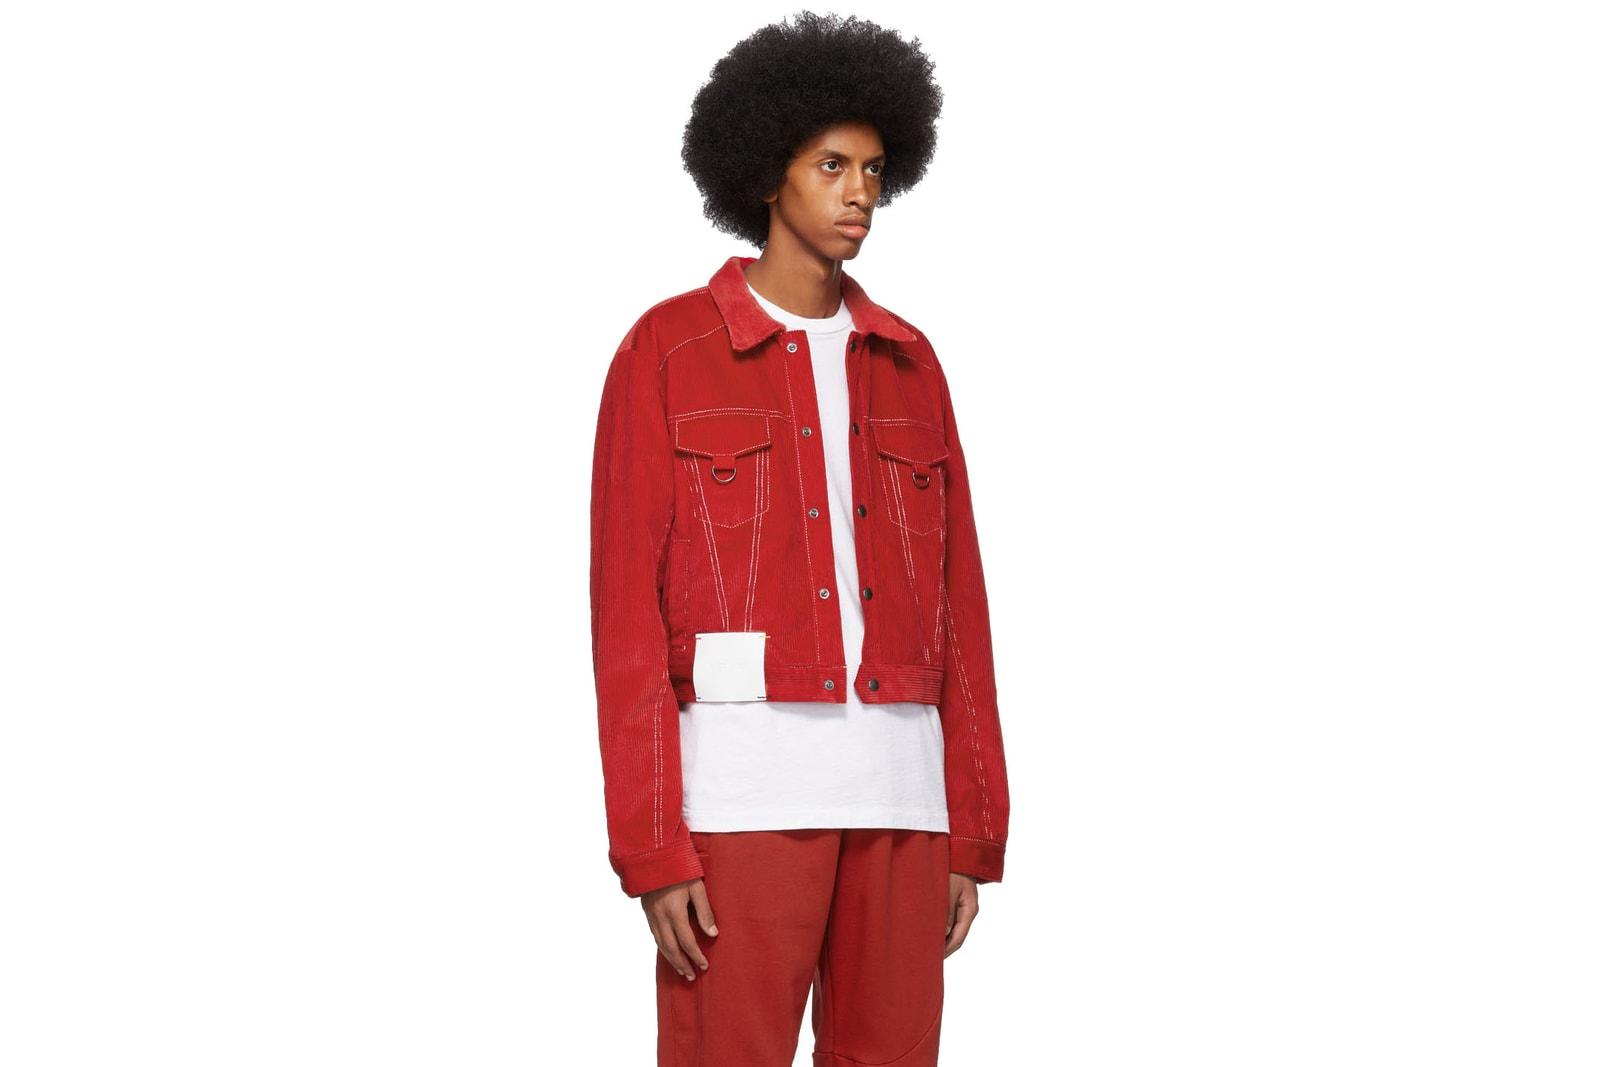 新春造型流-嚴選 10 款紅色衣物單品入手推介